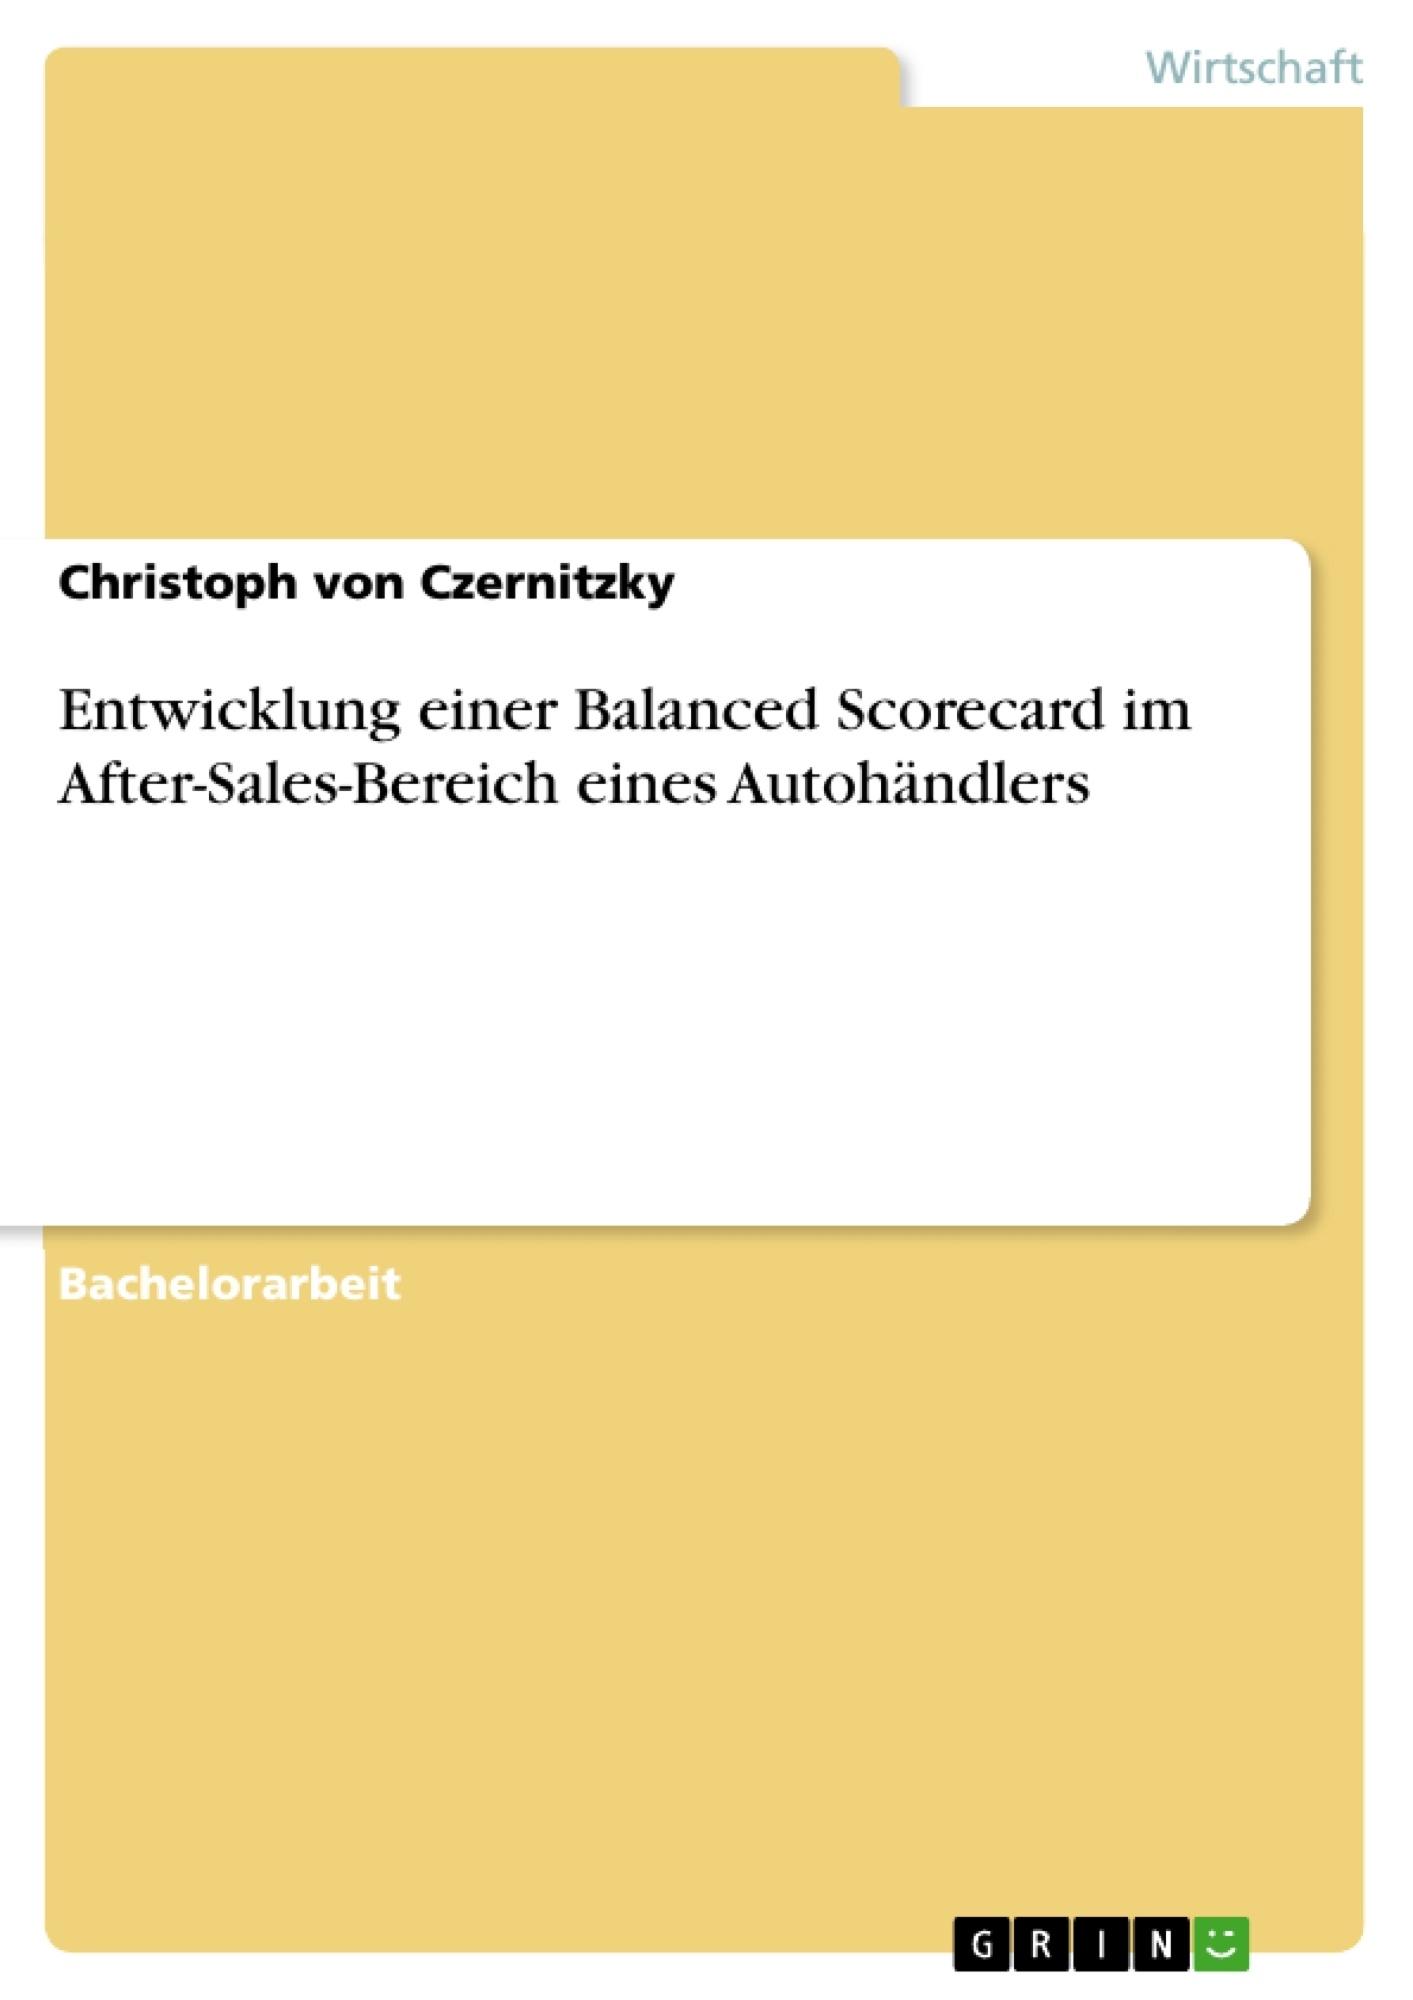 Titel: Entwicklung einer Balanced Scorecard im After-Sales-Bereich eines Autohändlers